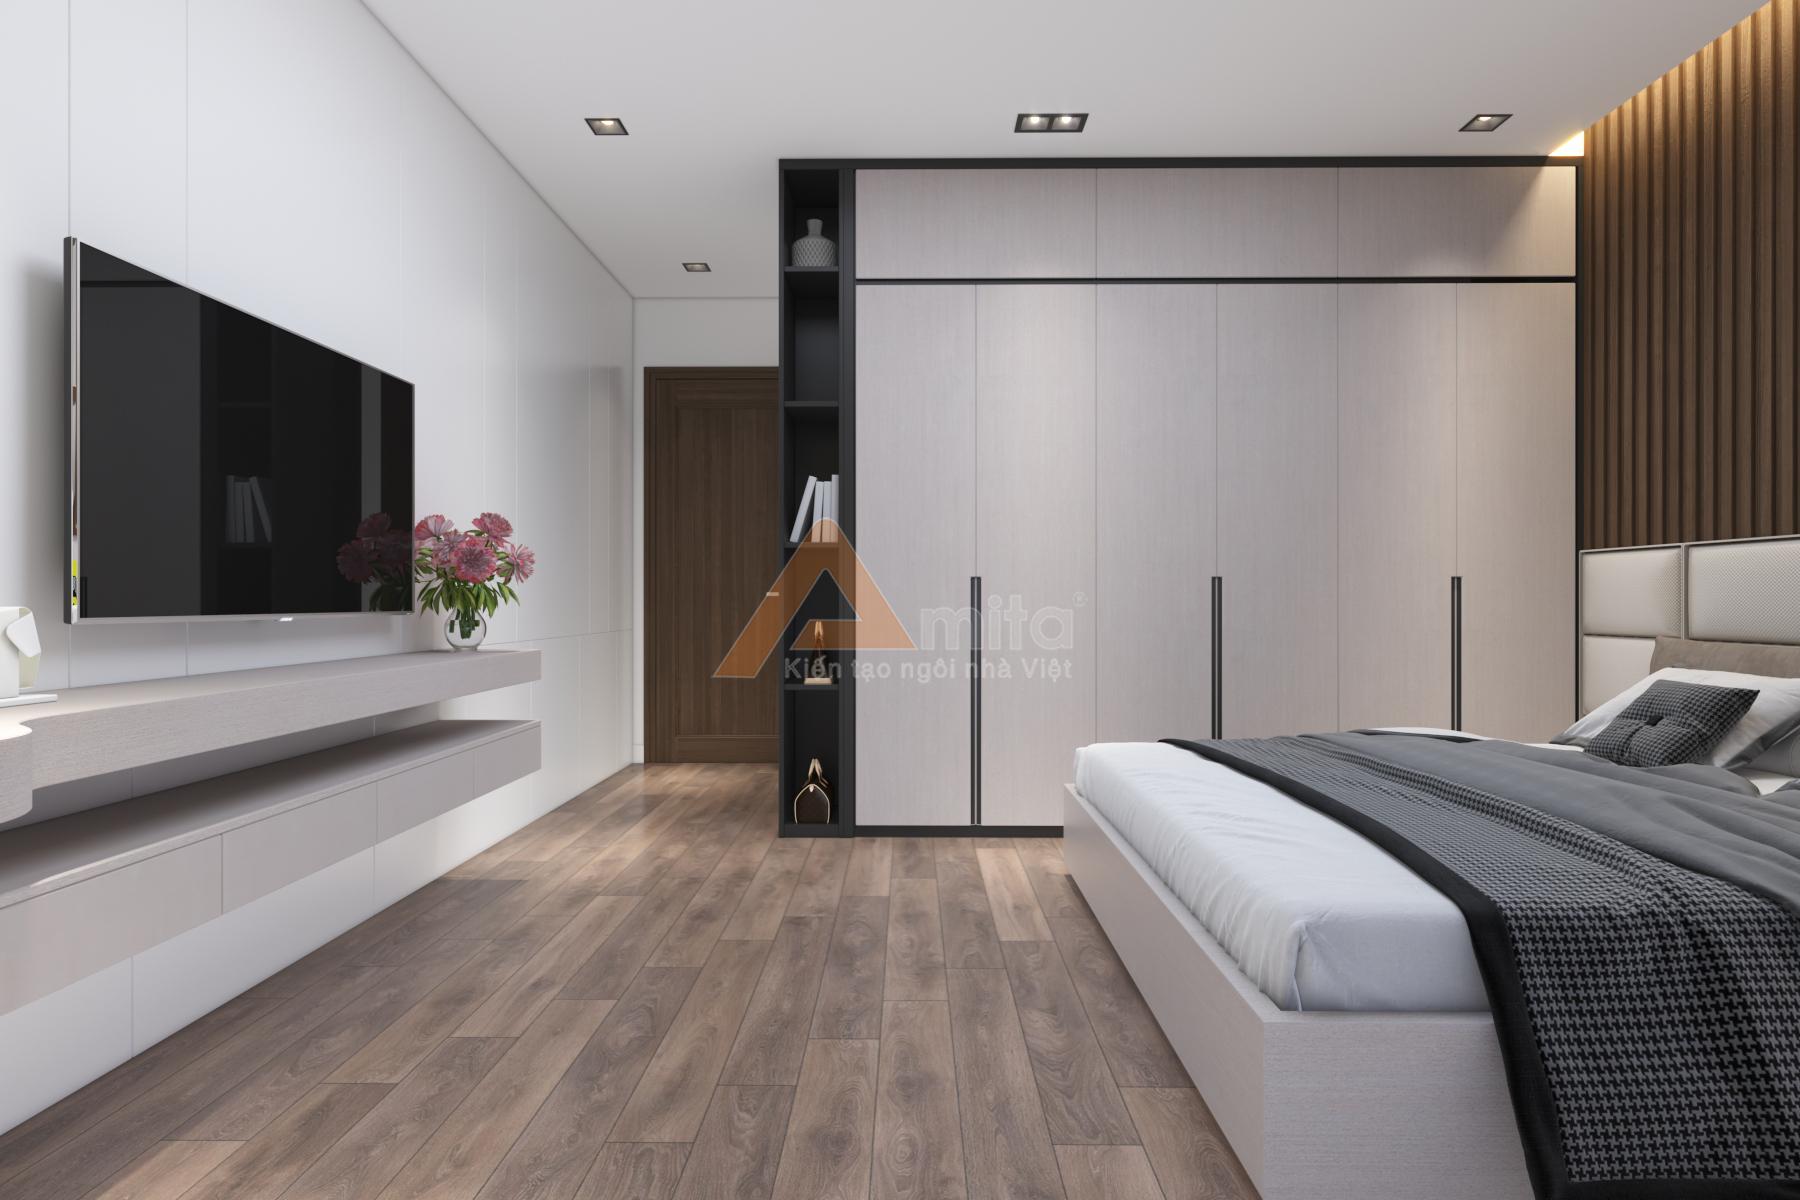 thiết kế nội thất chung cư tại Hà Nội Chung cư New Skyline - Văn Quán 9 1572341530